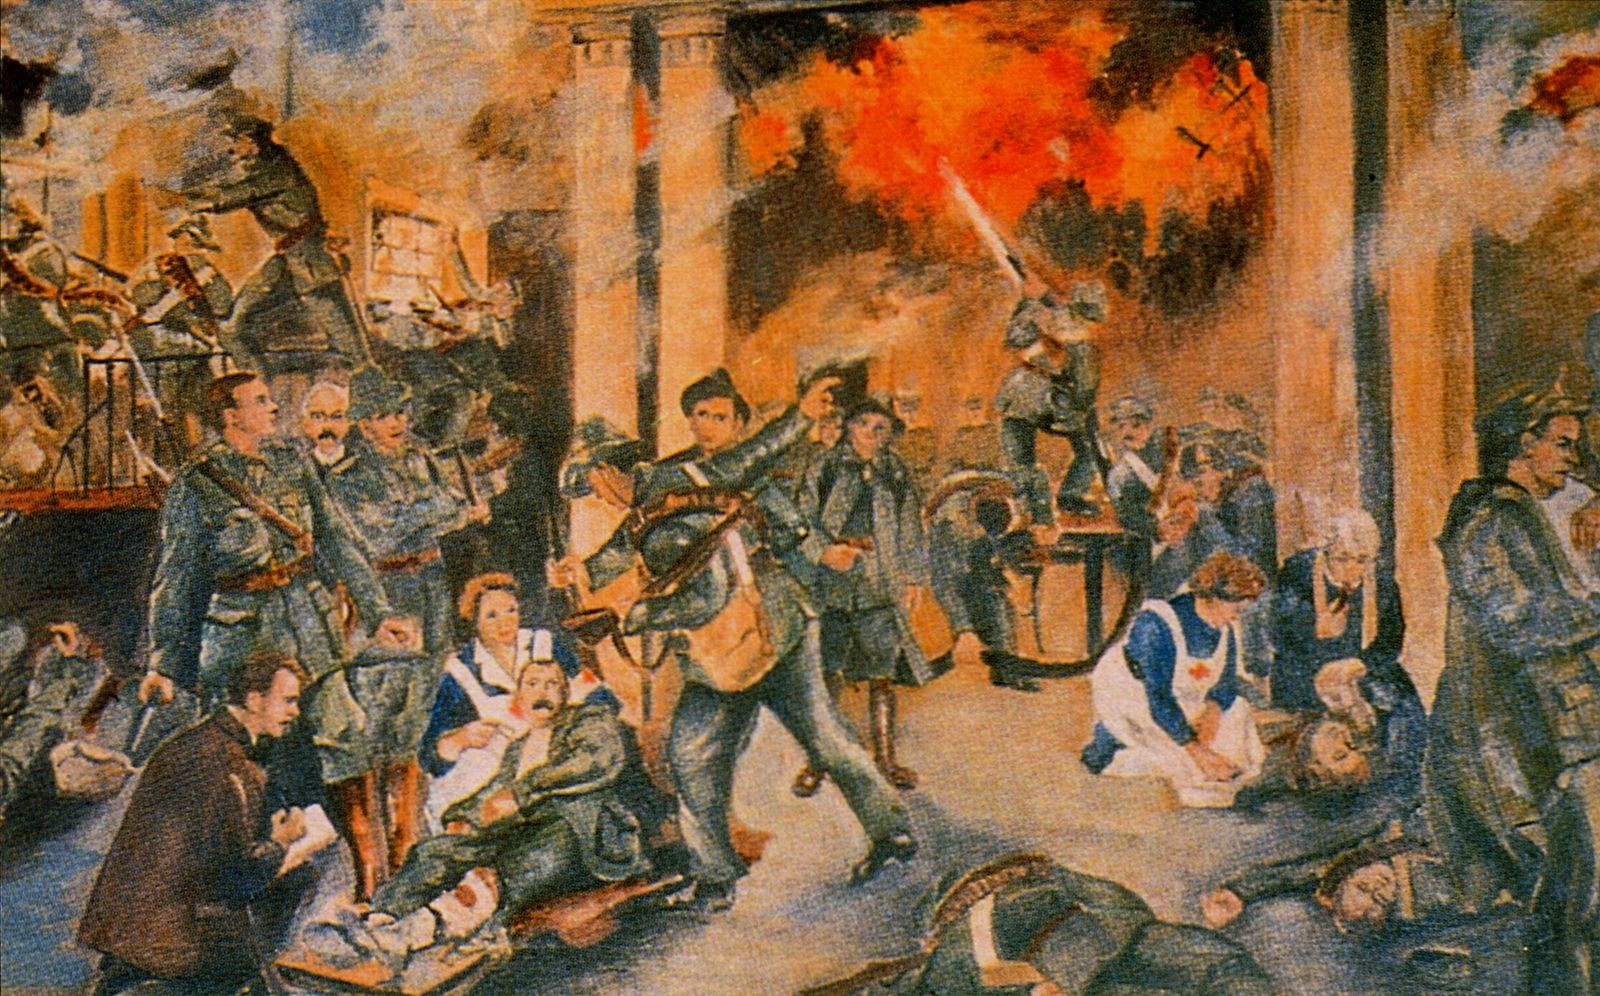 İrlanda Bağımsızlık Savaşı